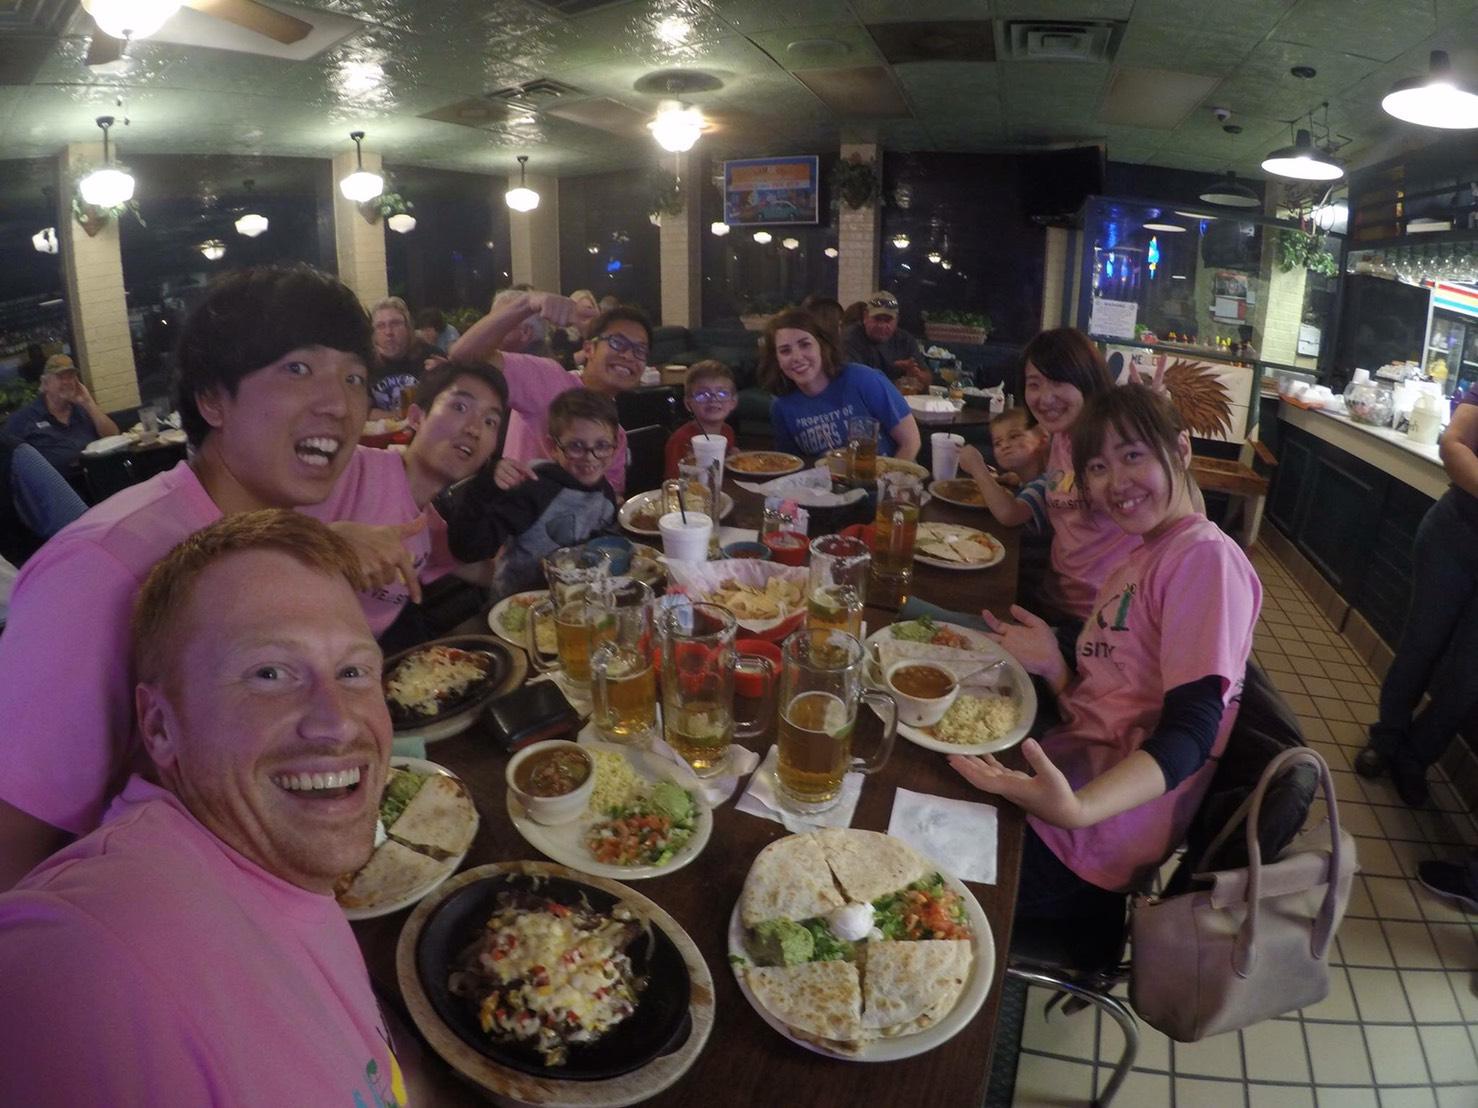 「オリオンビールで Happy Time!目覚めろ子ども魂! Honki 運動会 2.0!を開催します!